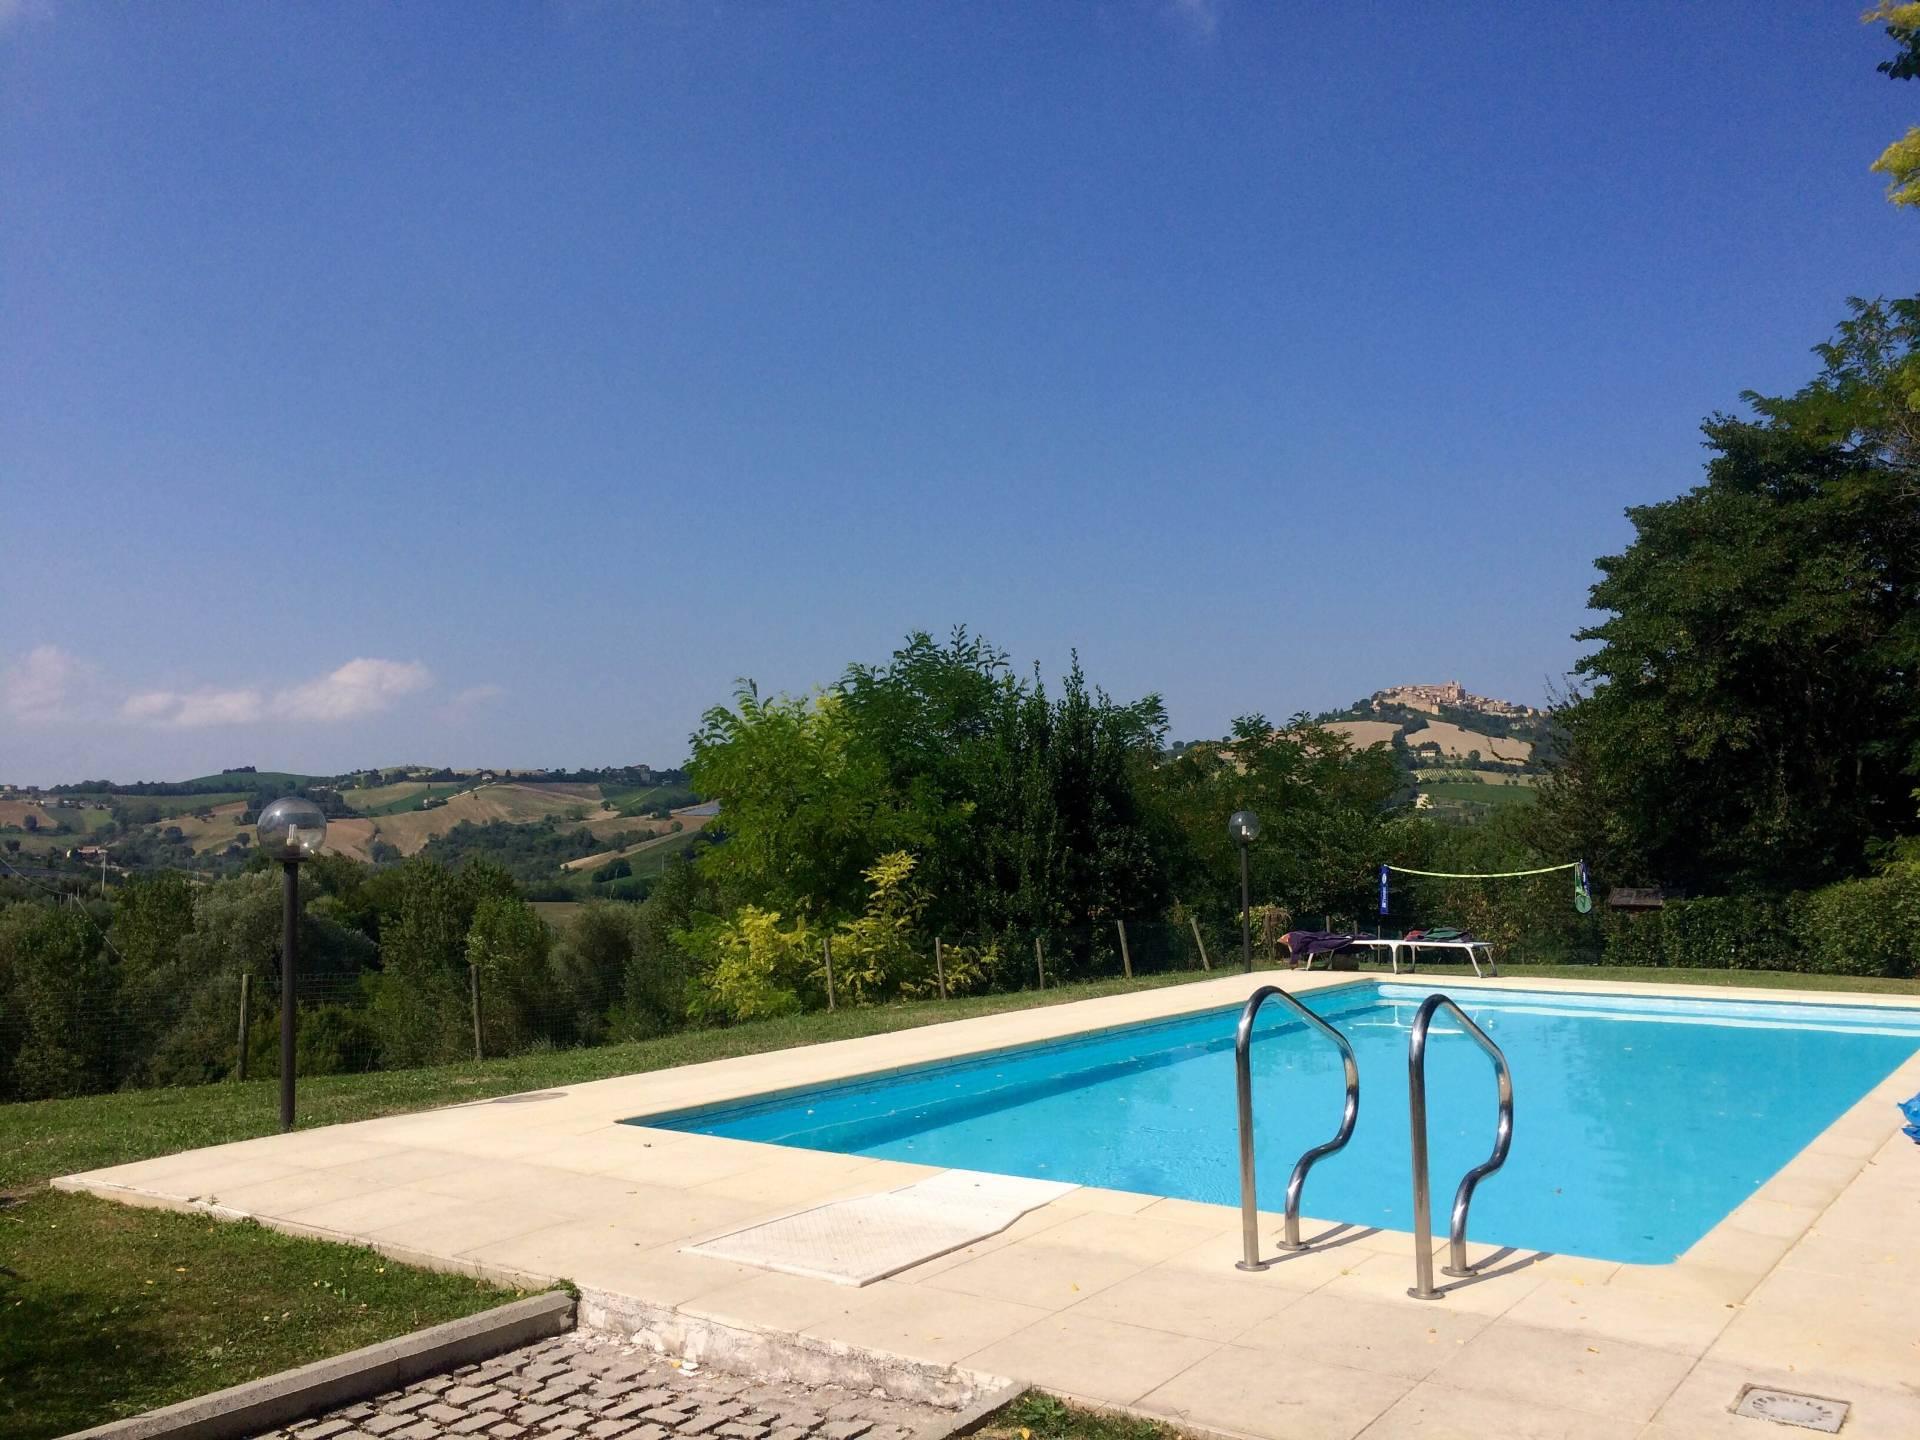 Appartamento in vendita a Rotella, 3 locali, prezzo € 116.000   CambioCasa.it